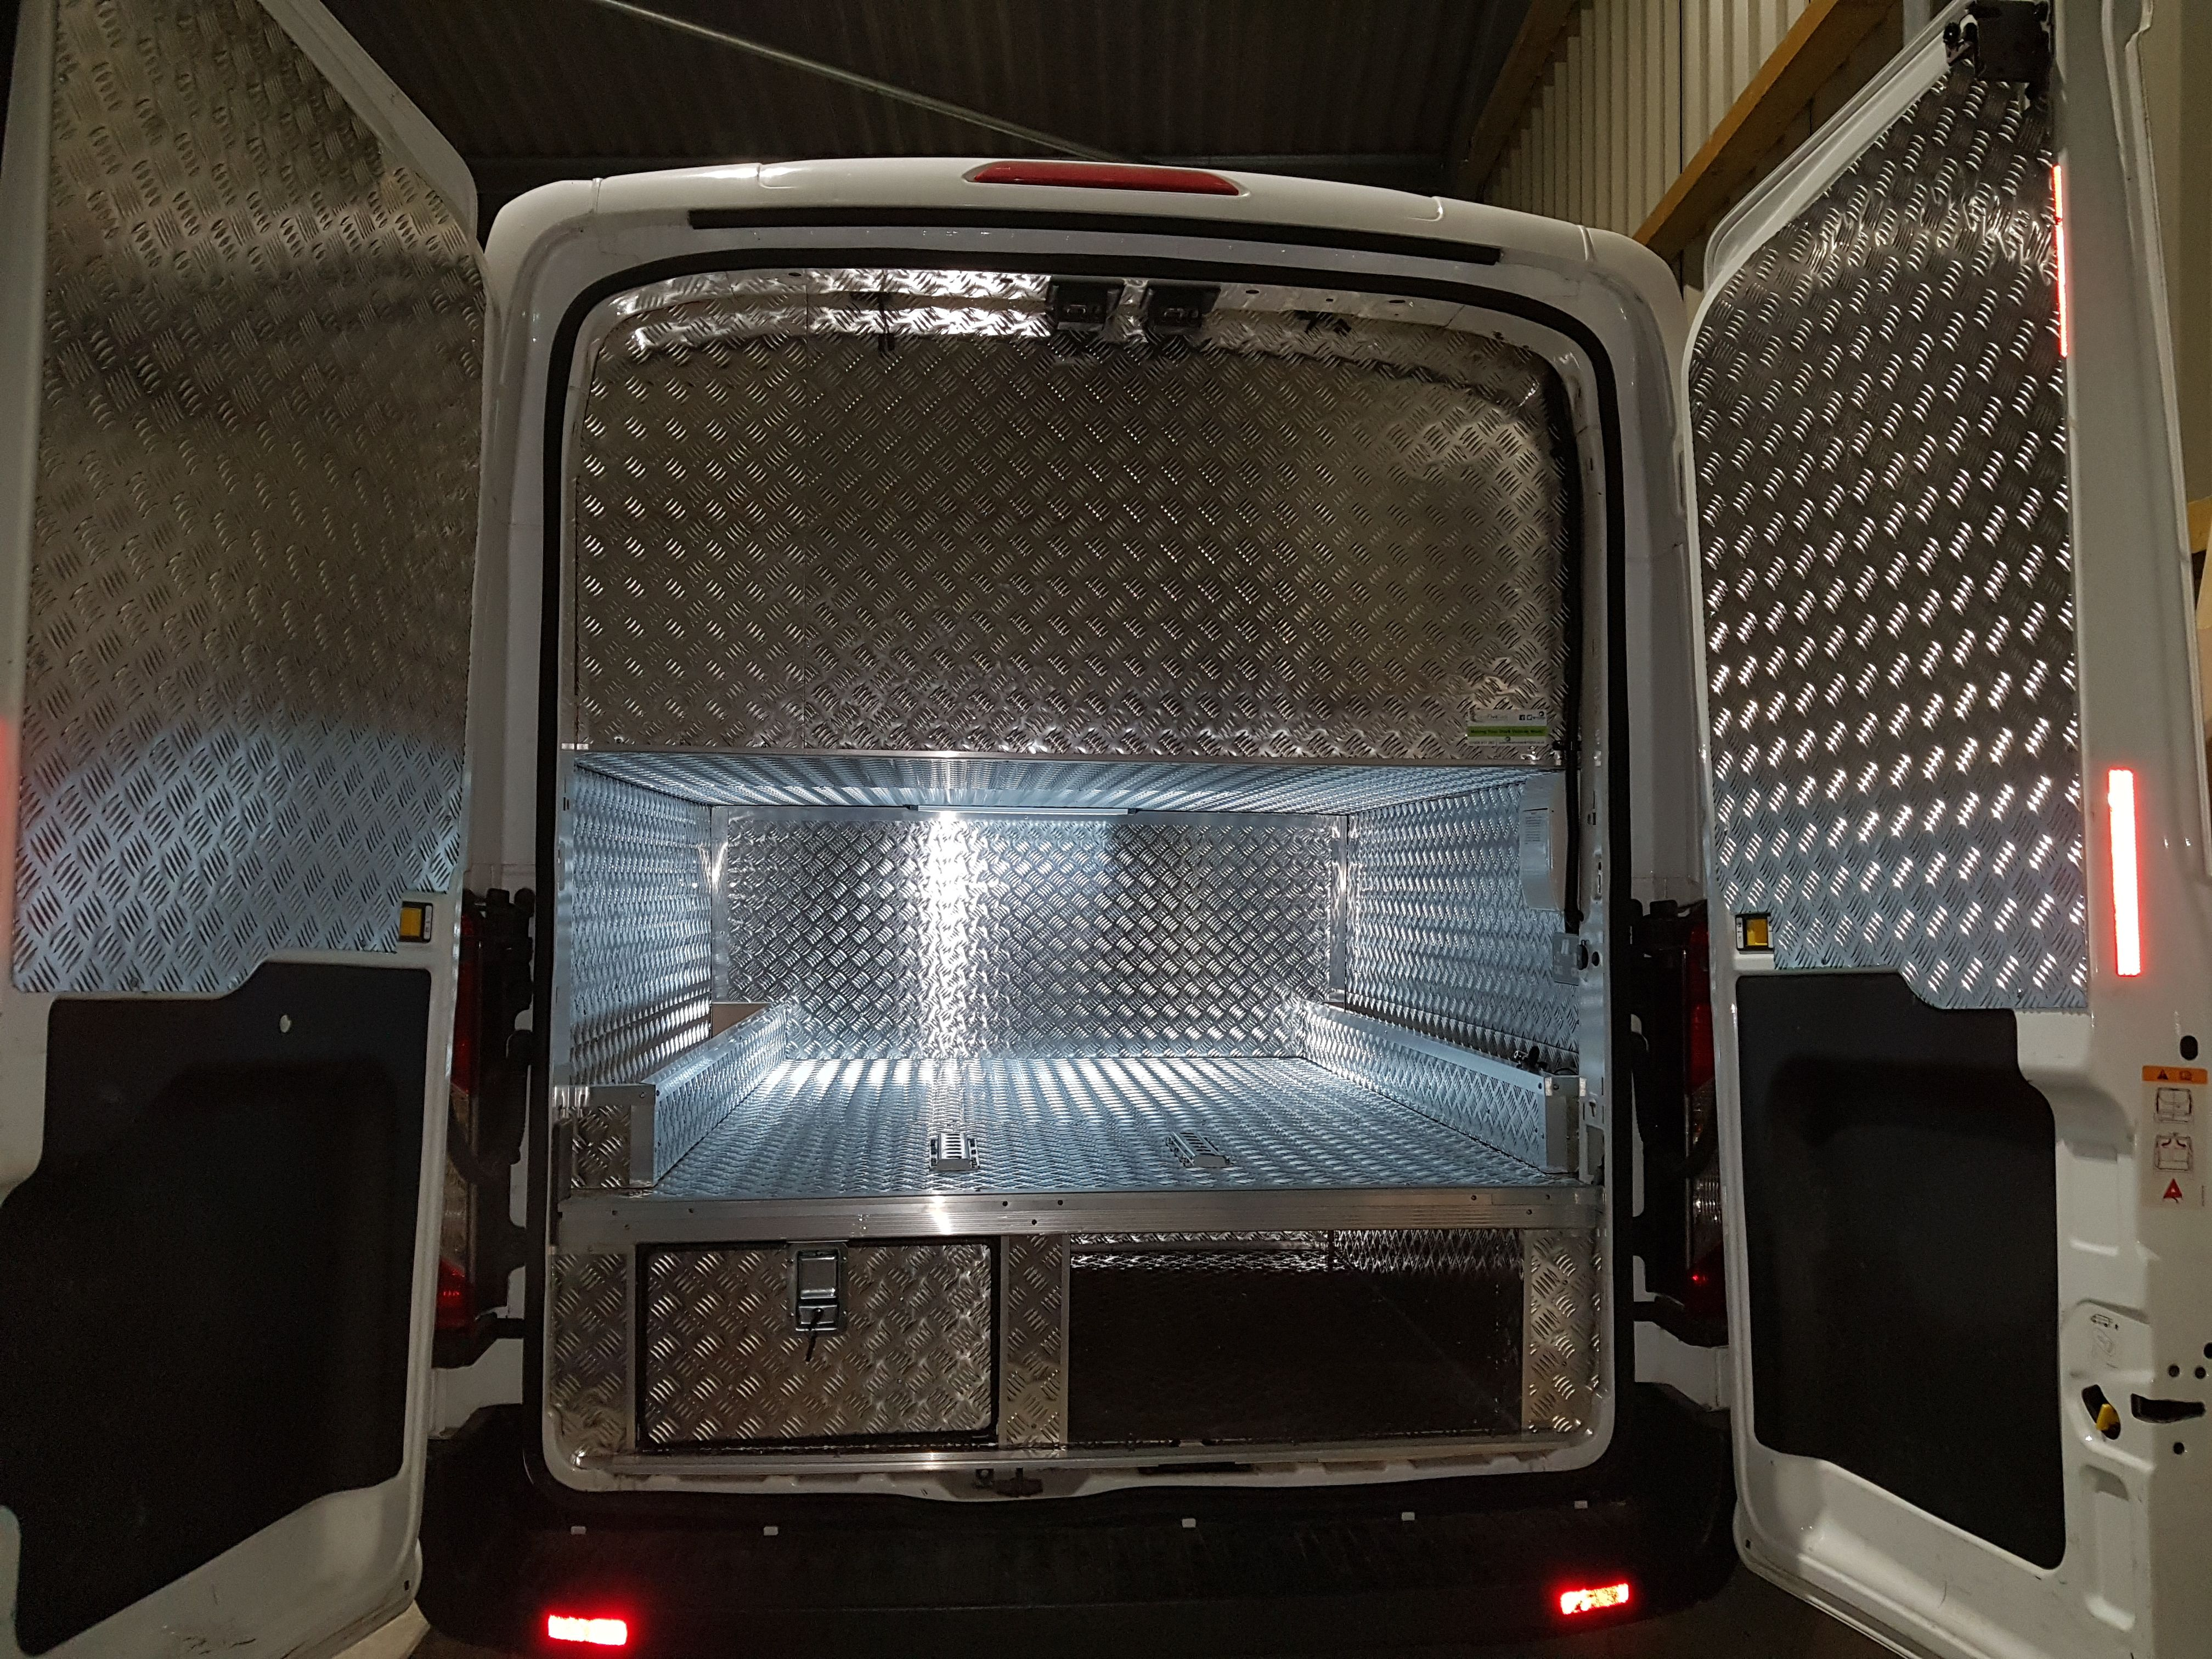 Go Kart Race van rear storage with floor drawers | Vehicle